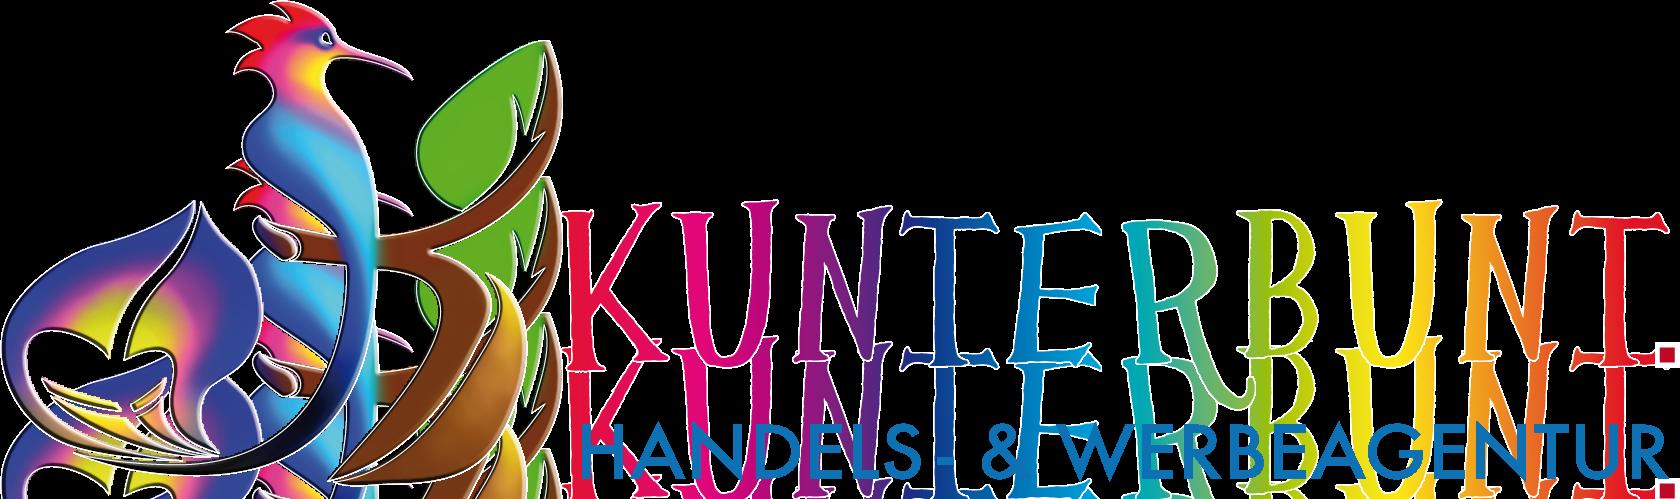 Kunterbunt Handels- & Werbeagentur Logo